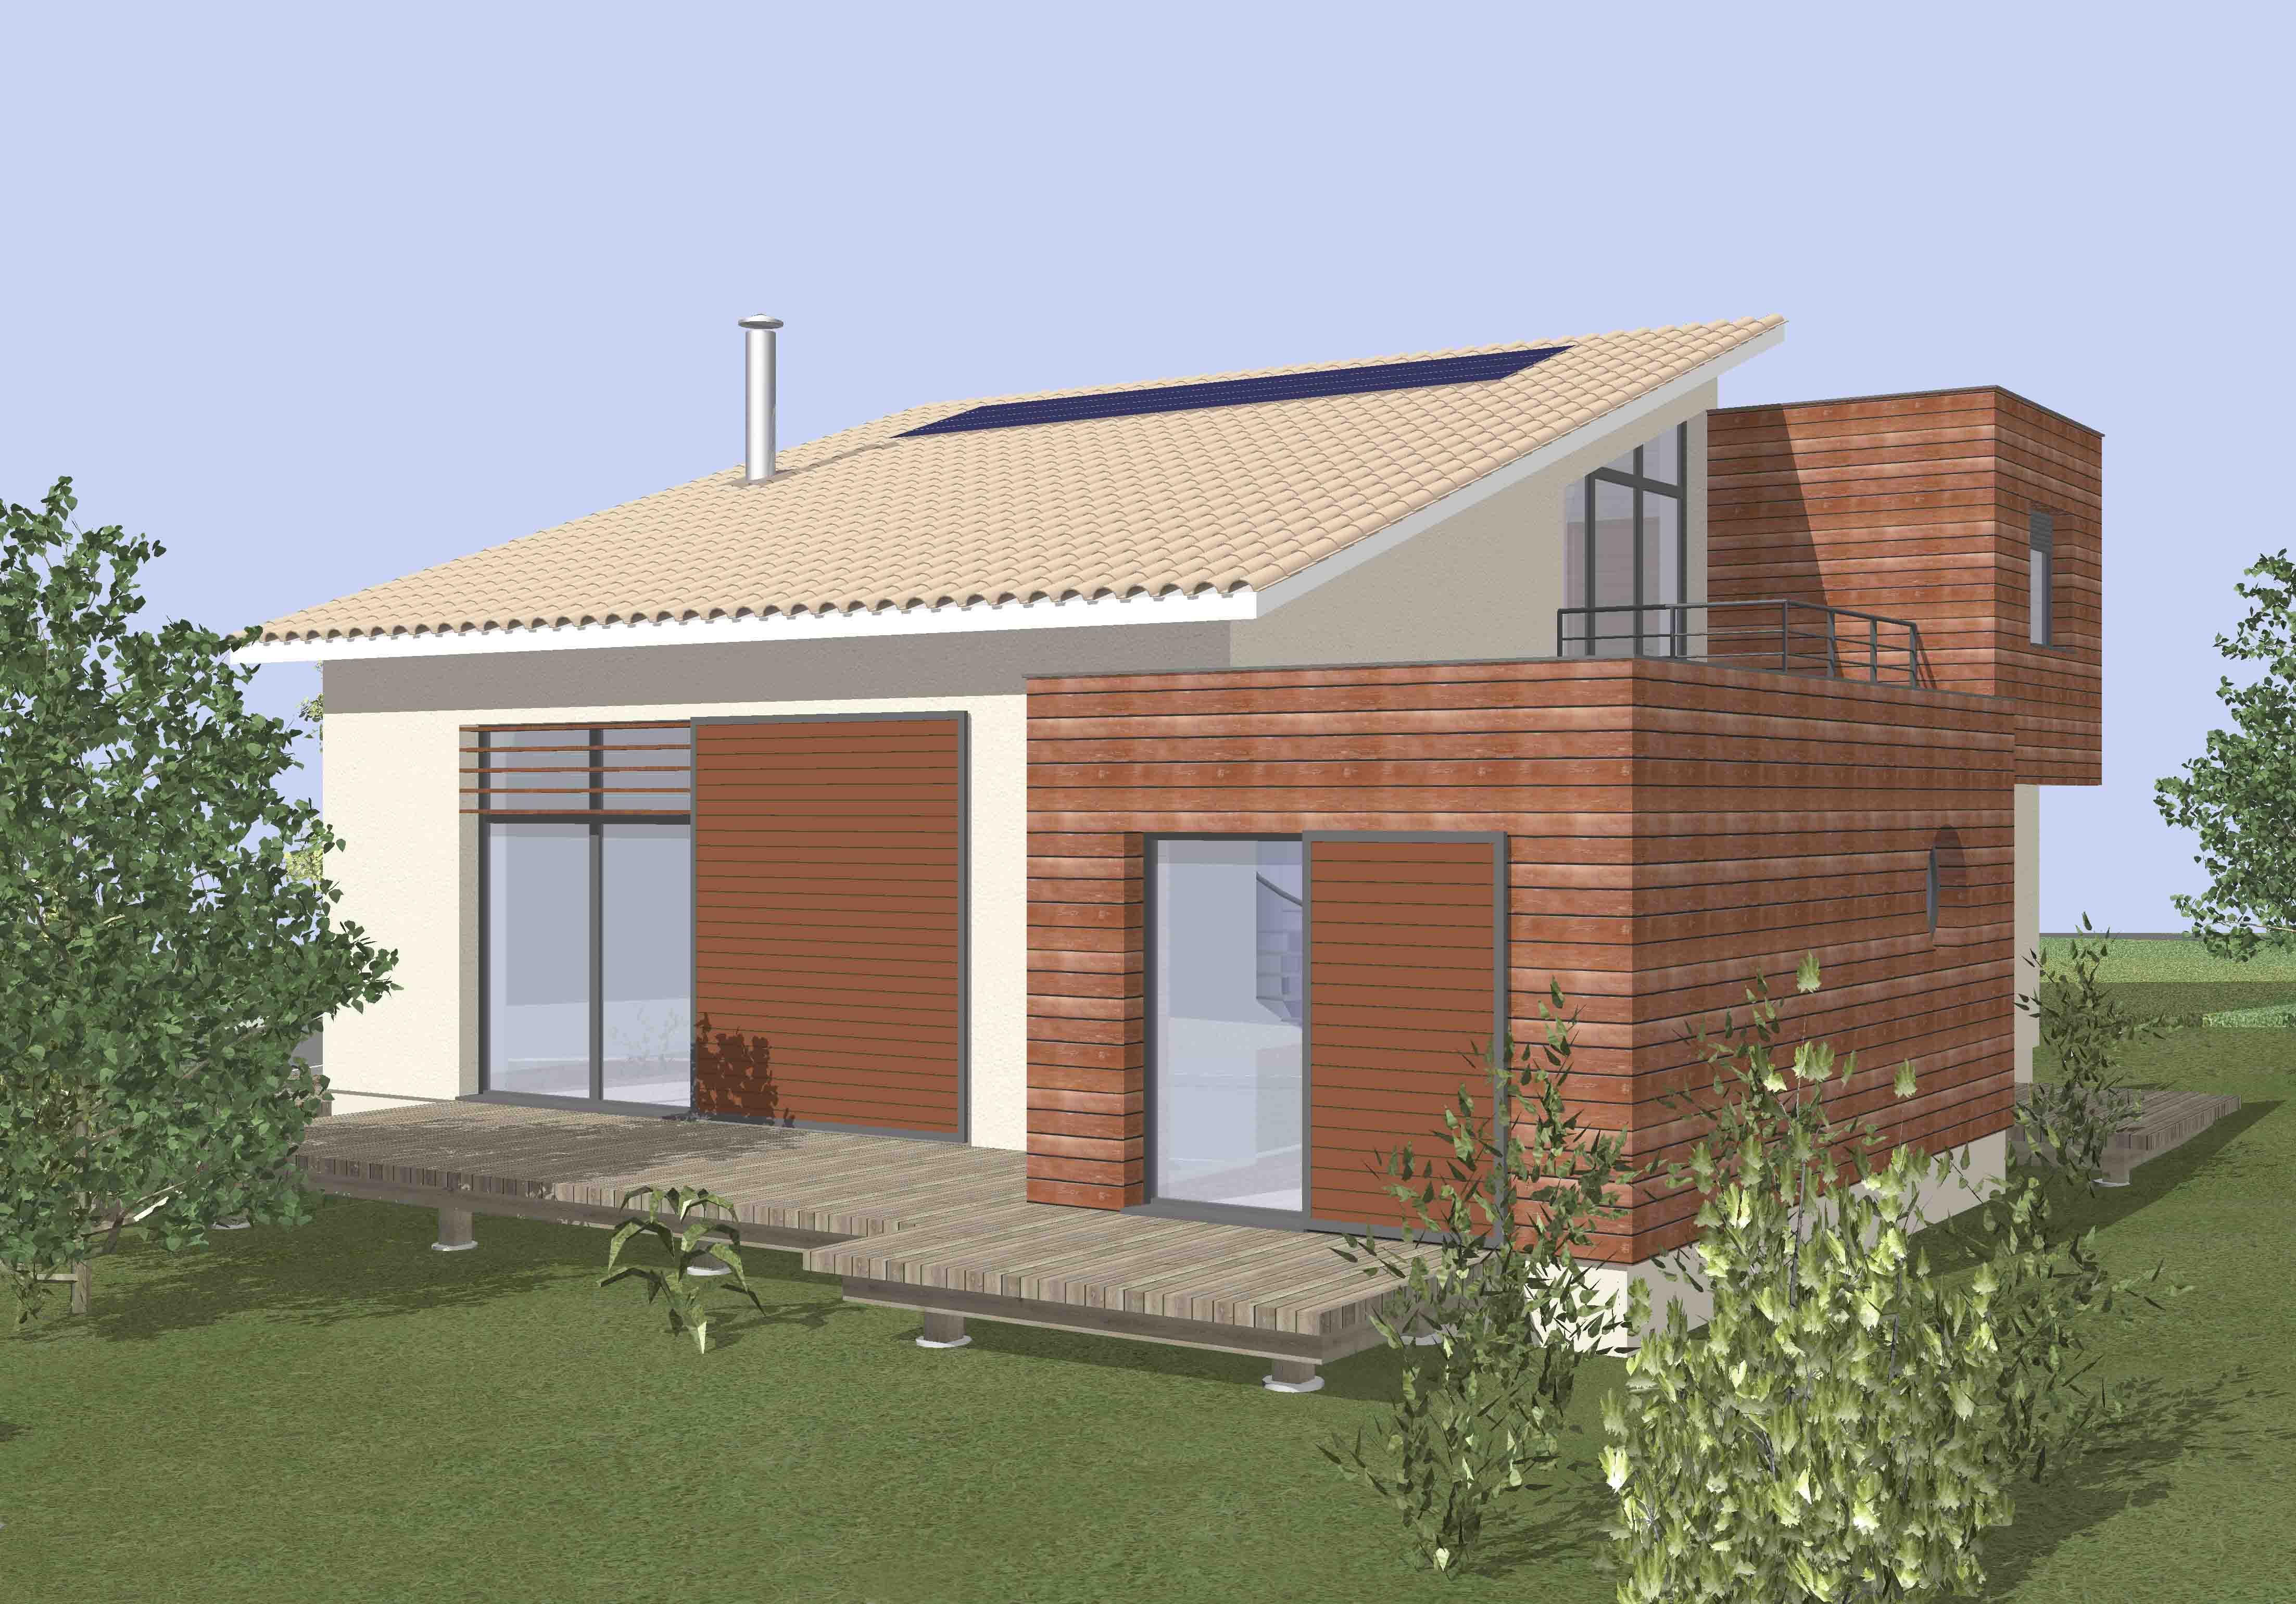 Maison individuelle Béziers BF Architecture 6